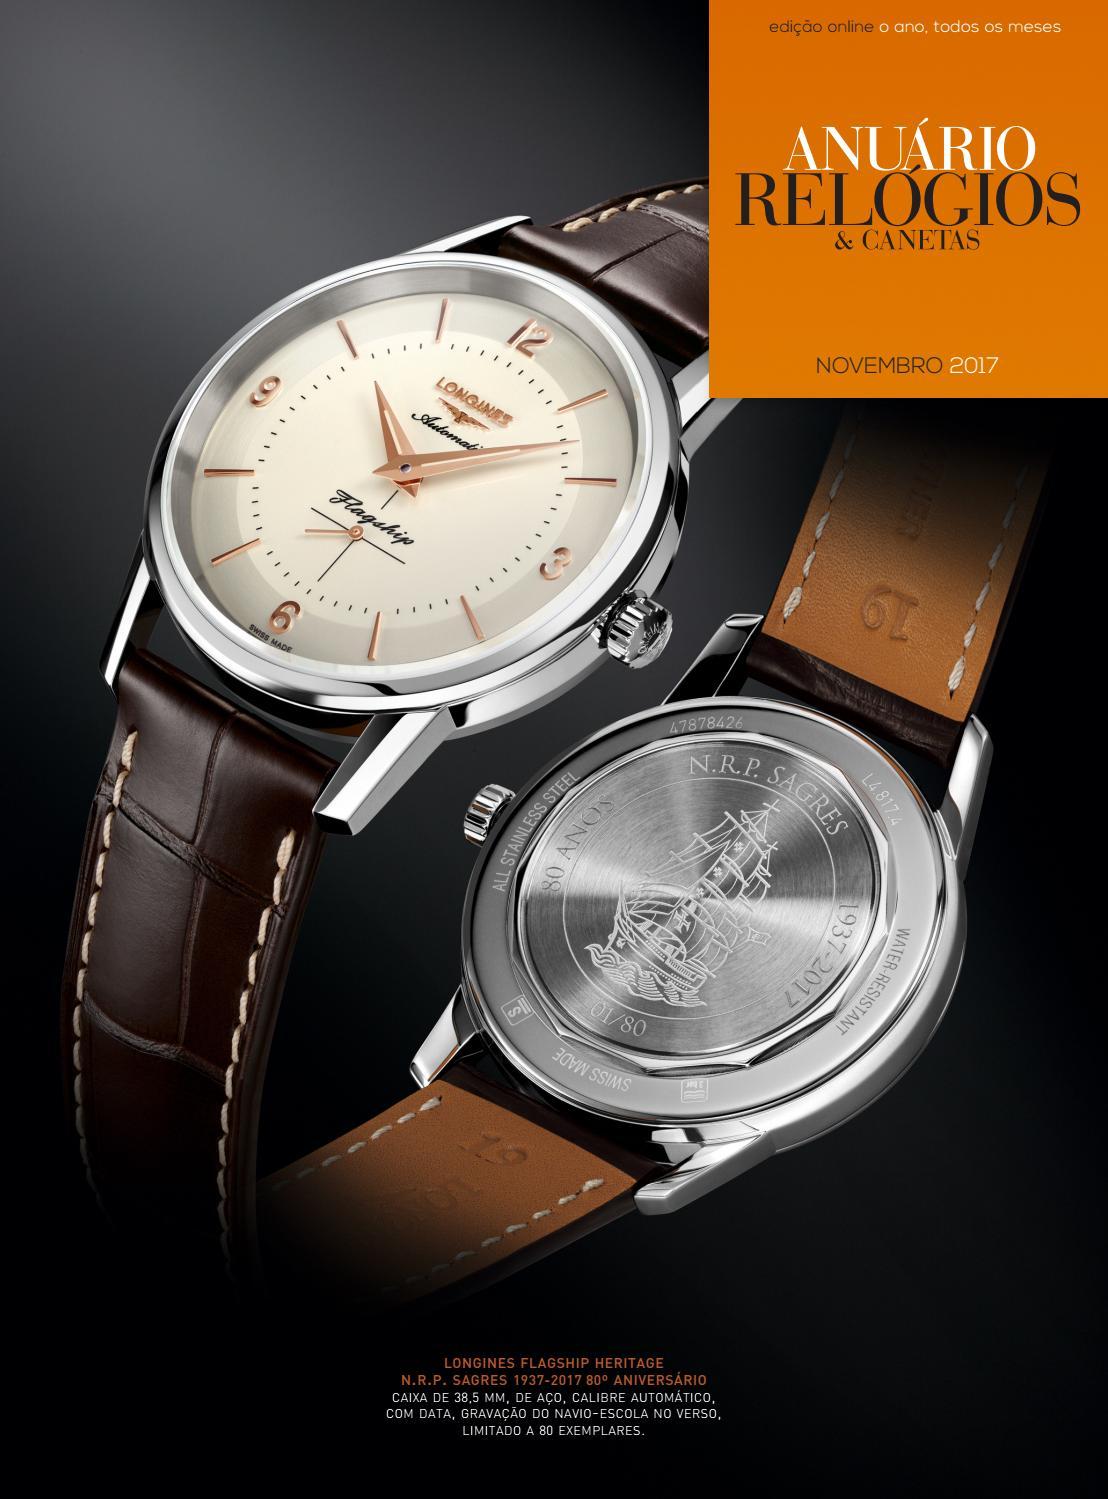 c4346f048ae Anuário Relógios   Canetas - Novembro 2017 by Anuário Relógios   Canetas -  issuu